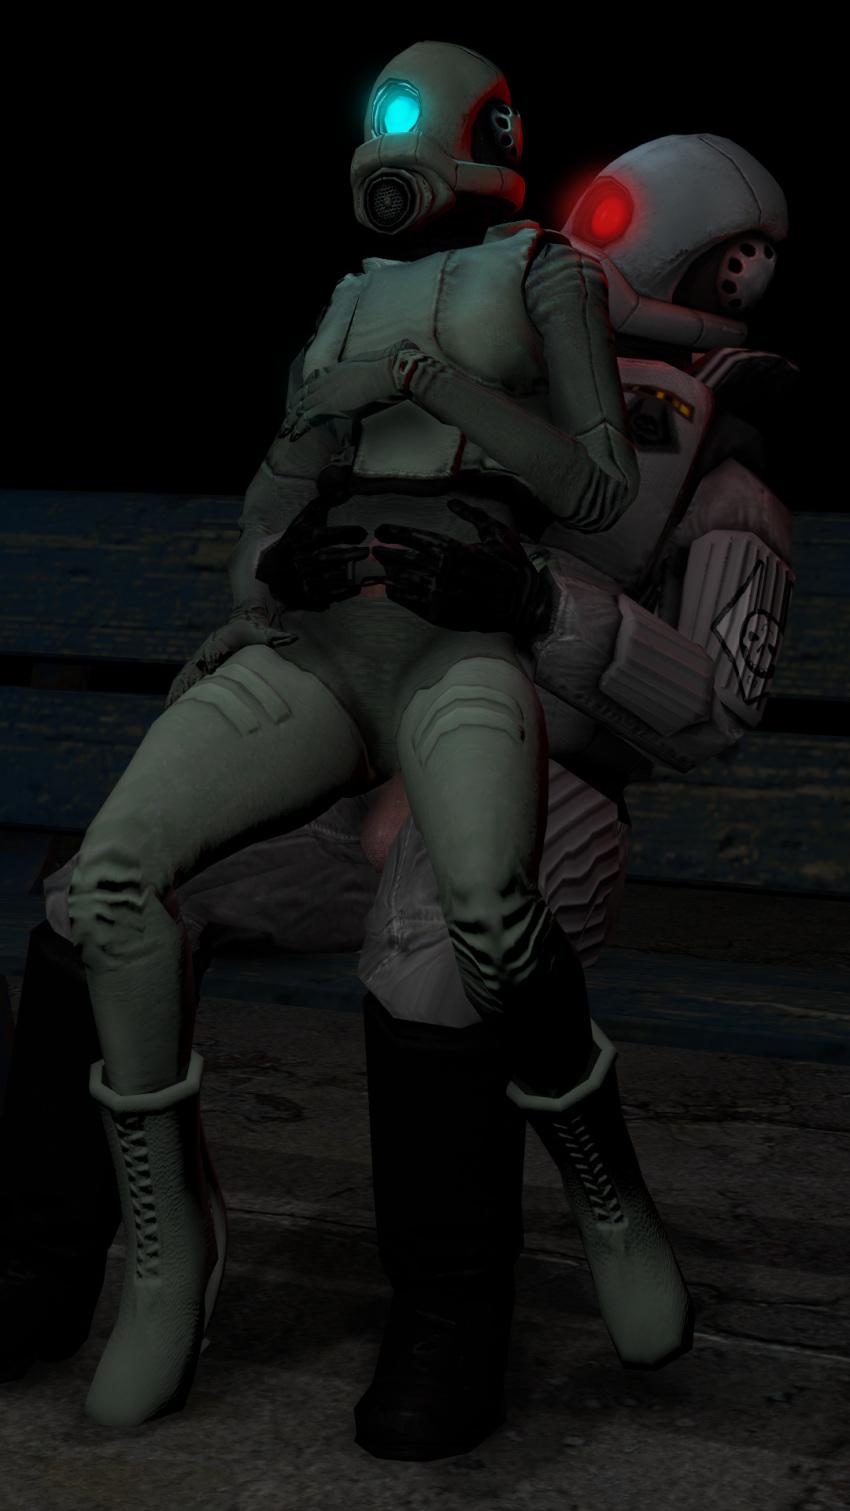 combine elite half life 2 My hero academia invisible girl hentai